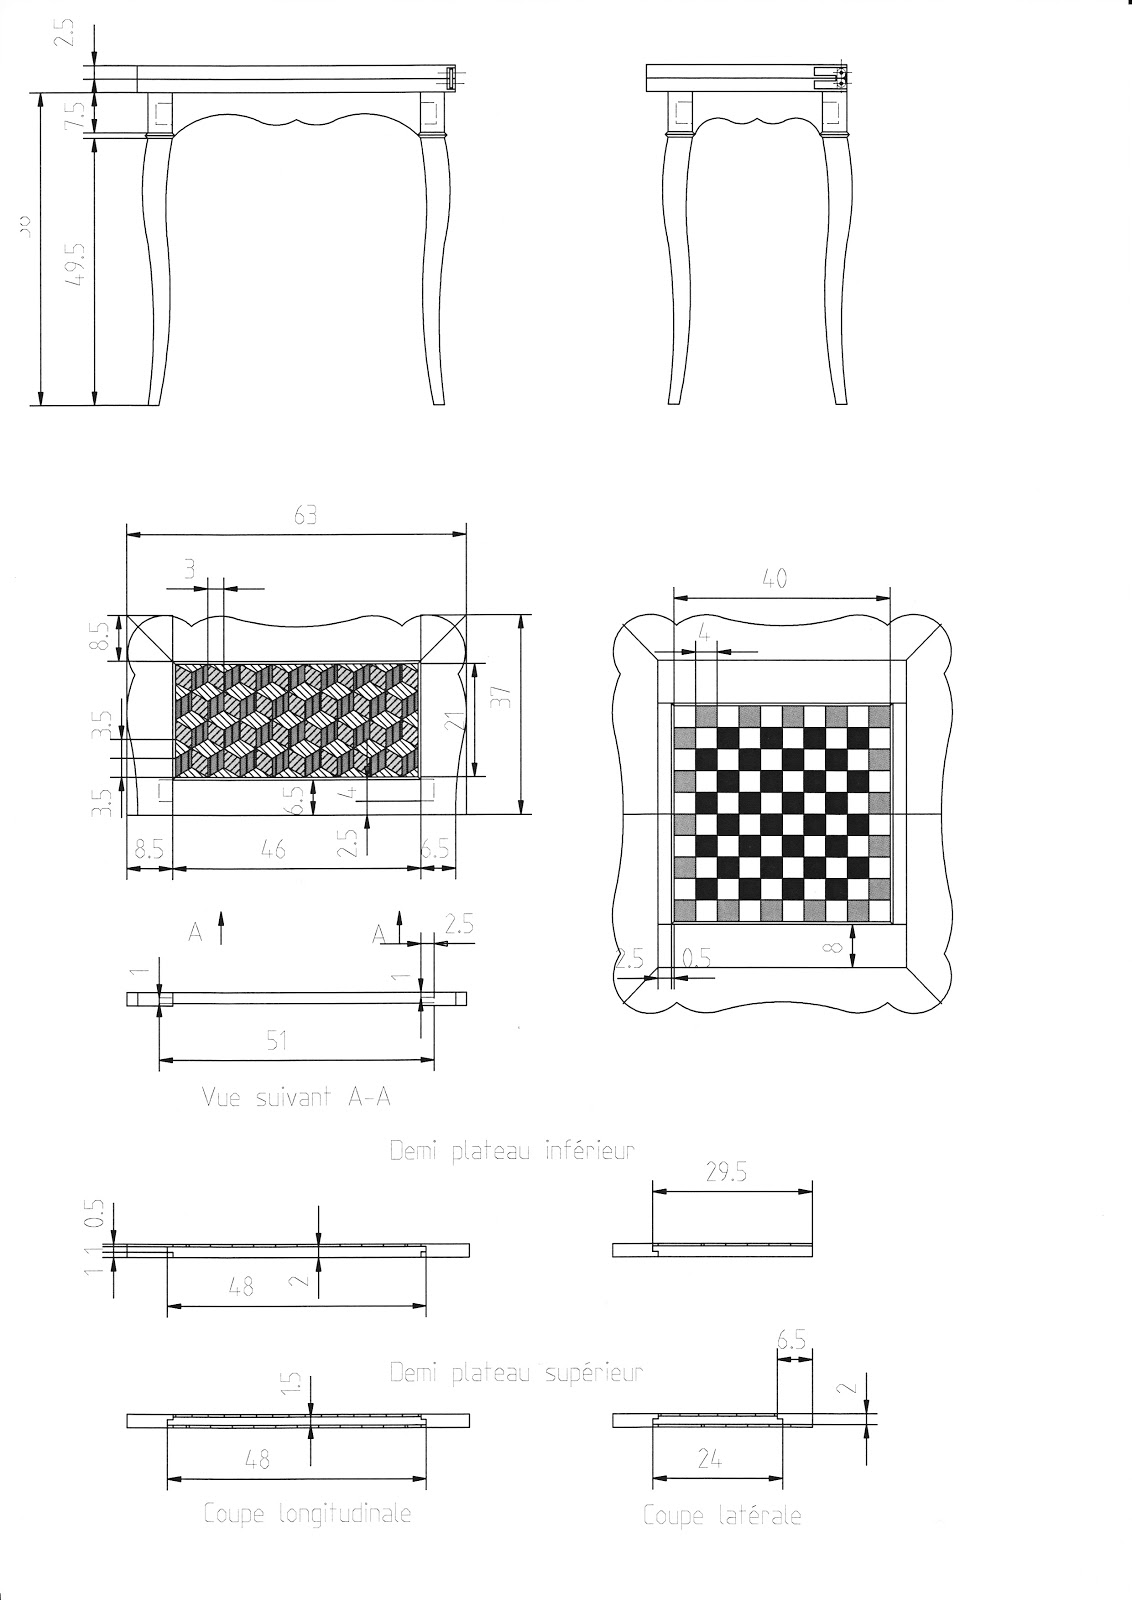 Meubles Miniatures Nouveau projet  Préparation des plans -> Plan Des Meubles